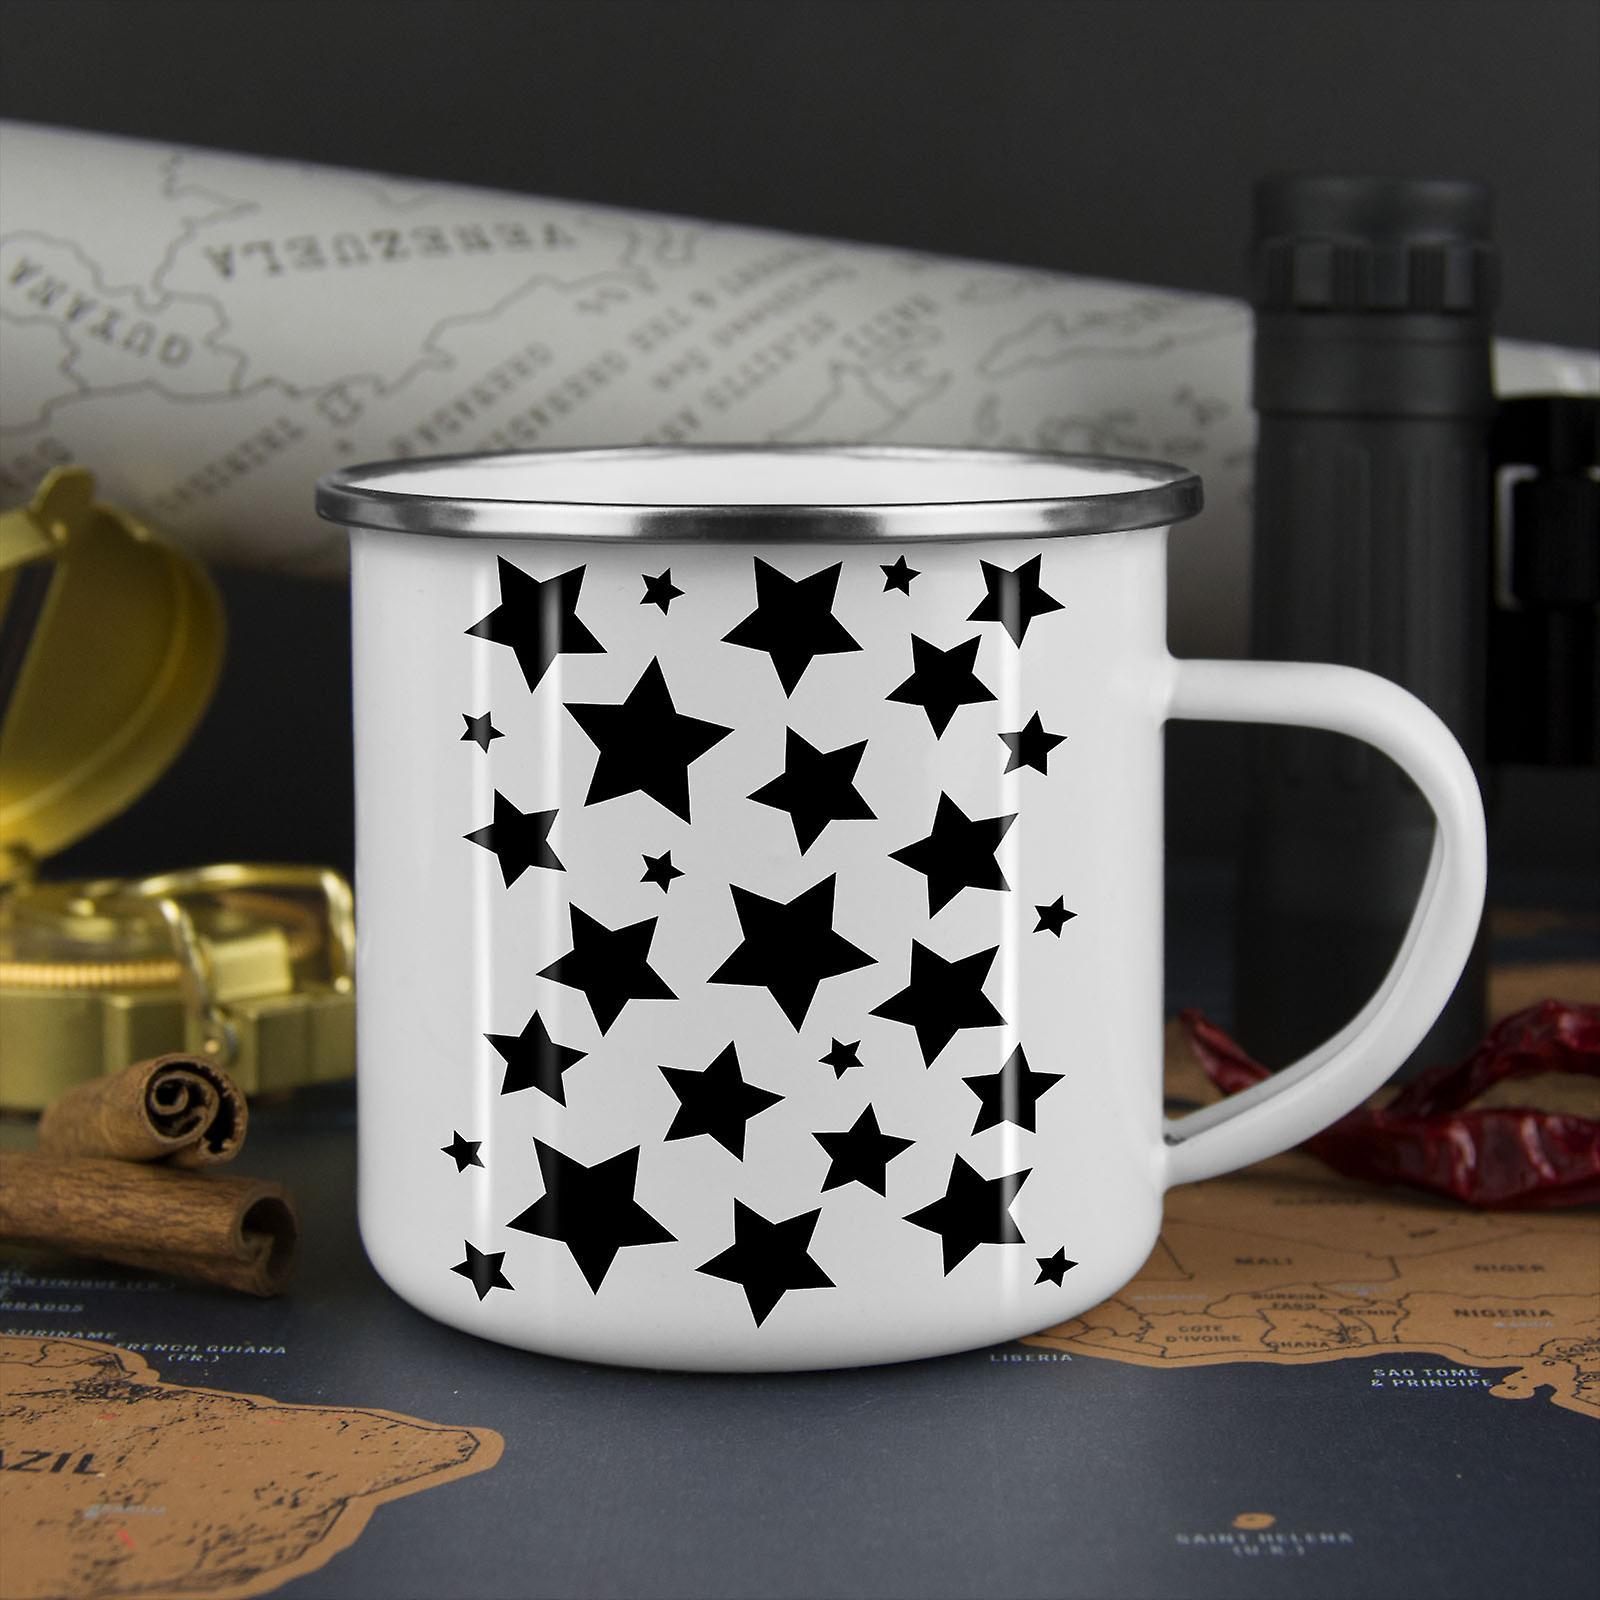 Sterne leuchten neue WhiteTea Kaffee Emaille Mug10 oz   Wellcoda